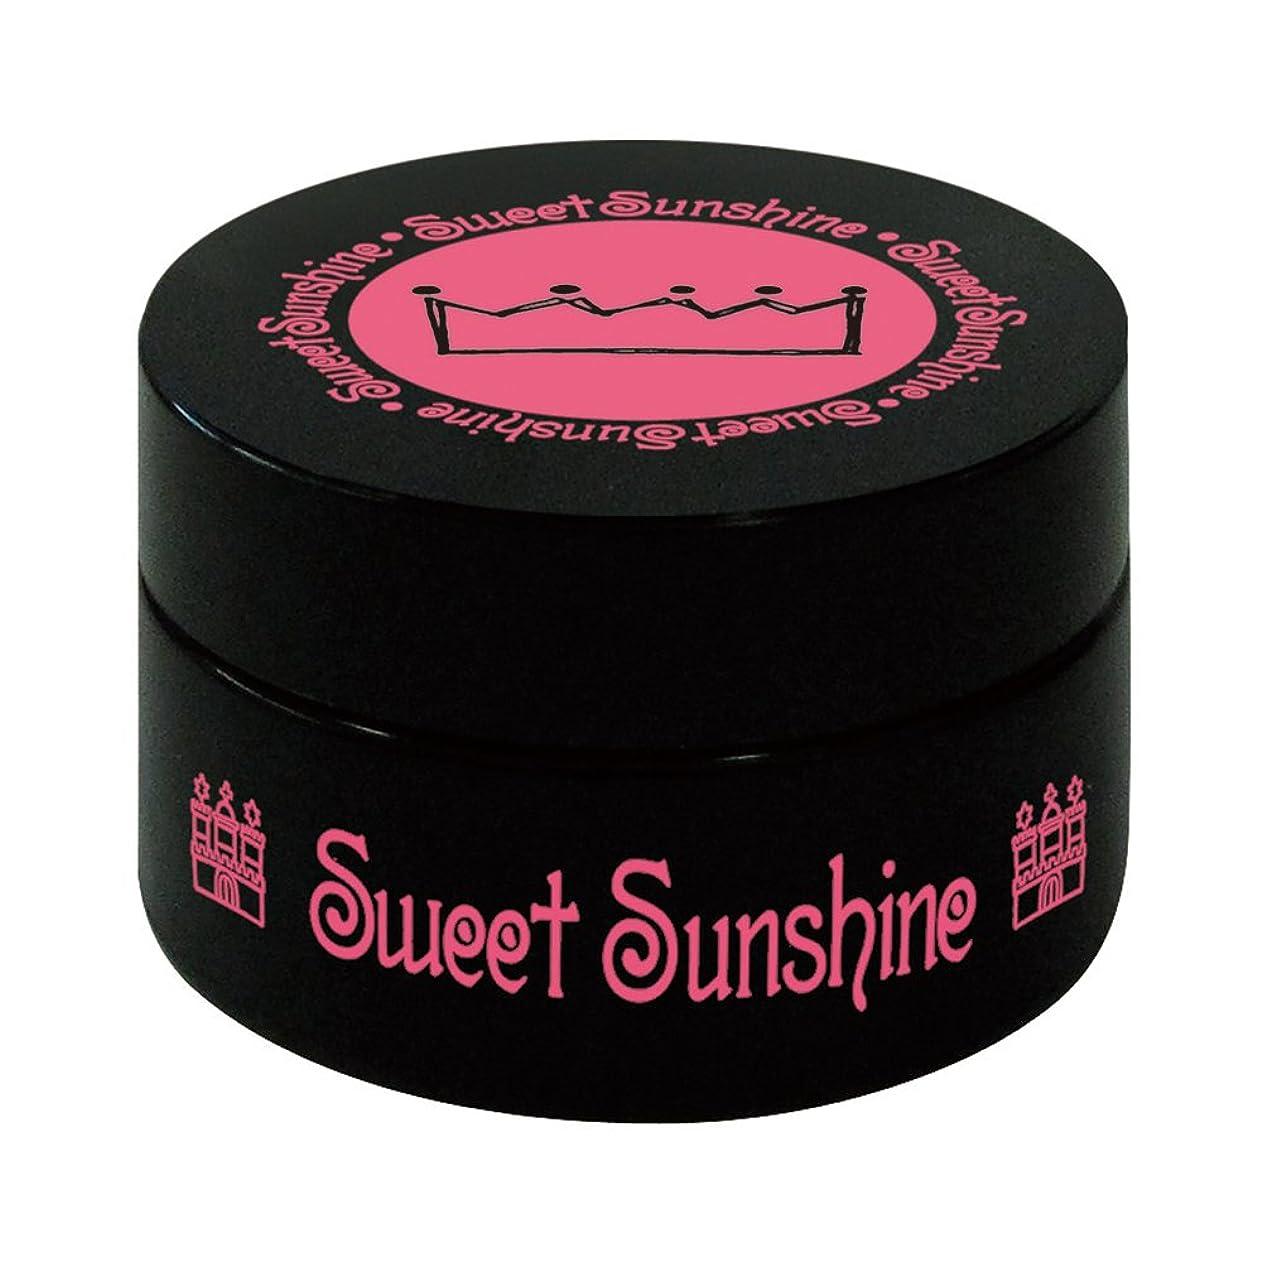 下線間違っている余剰最速硬化LED対応 Sweet Sunshine スィート サンシャイン カラージェル SC-99 4g バナナミルクシャーベット